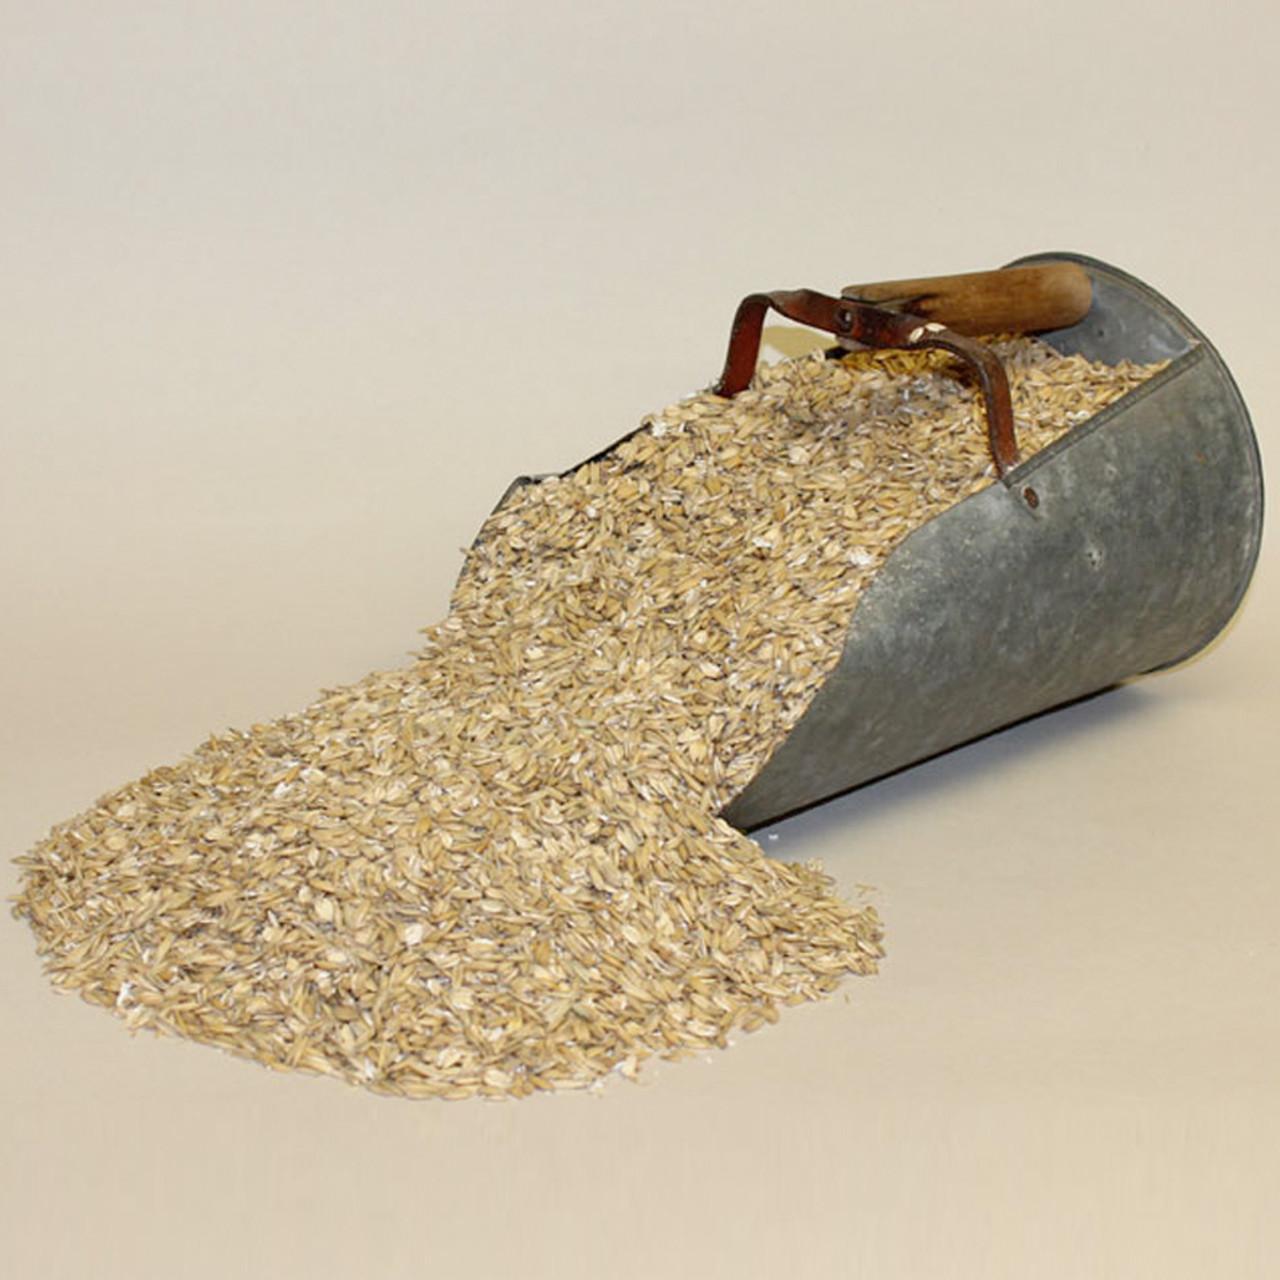 Bryant Grain Crimped Oats (1102)